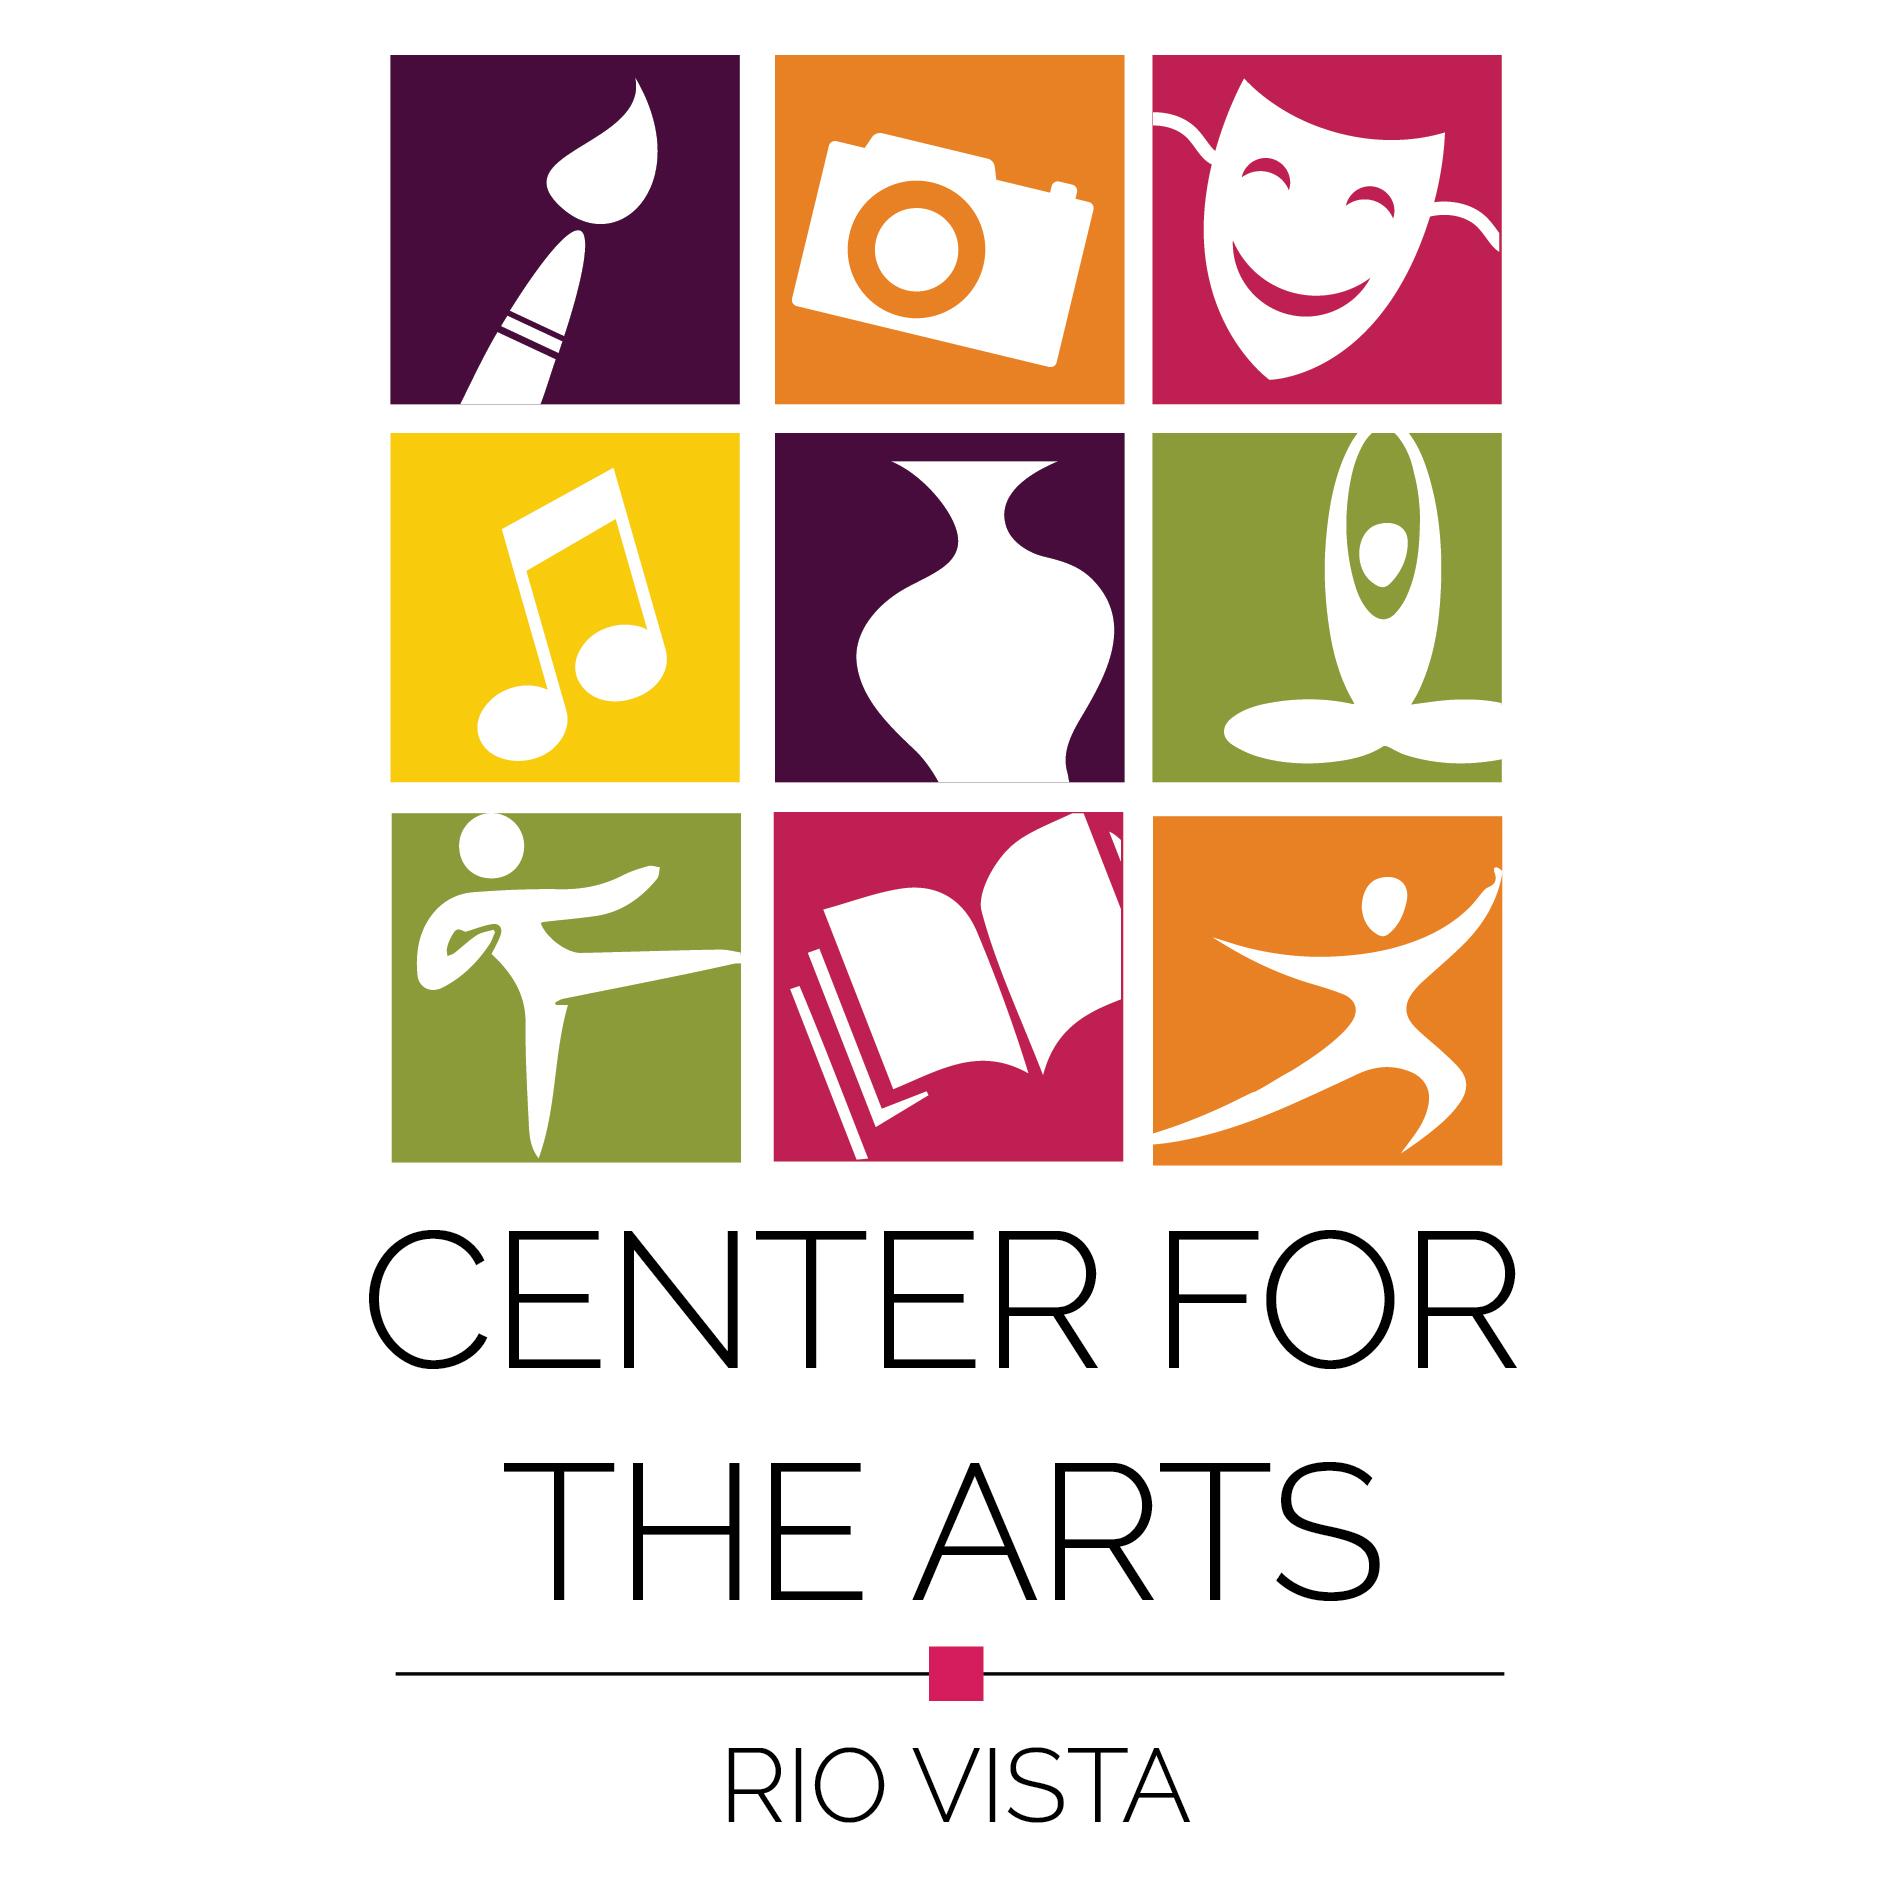 Center-For-The-Arts-Logo-on-white-BG.jpg